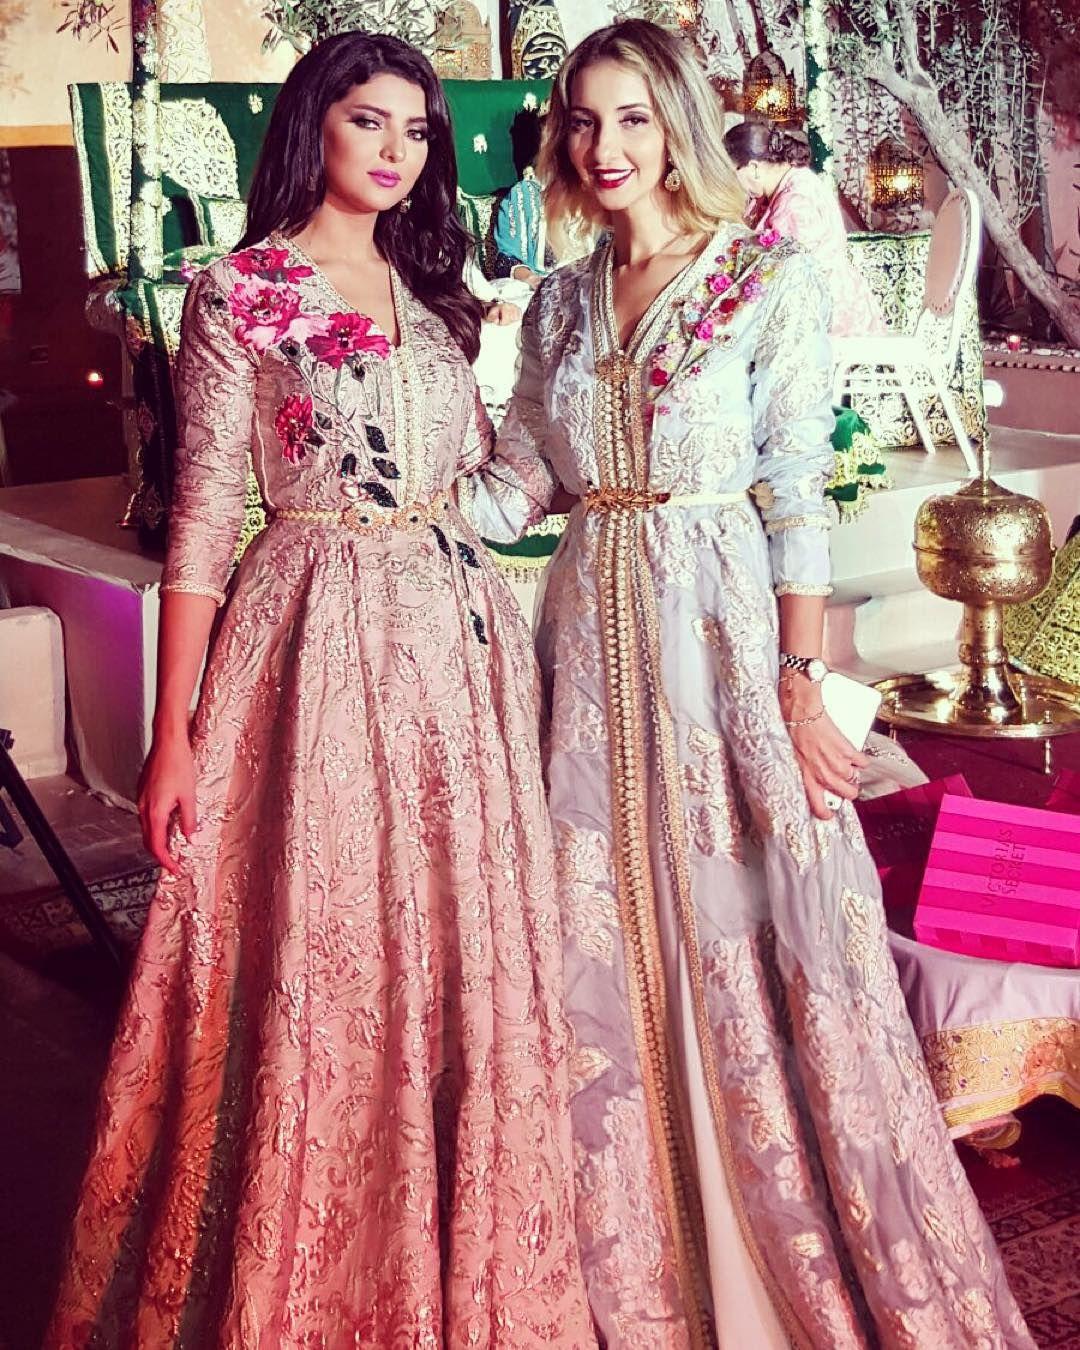 مريم سعيد Mariam Said On Instagram القفطان عنصر أساسي في العرس المغربي و دائما صديقتي المبدعة المتجددة تدهش العالم بتص Caftan Moroccan Dress Moroccan Fashion